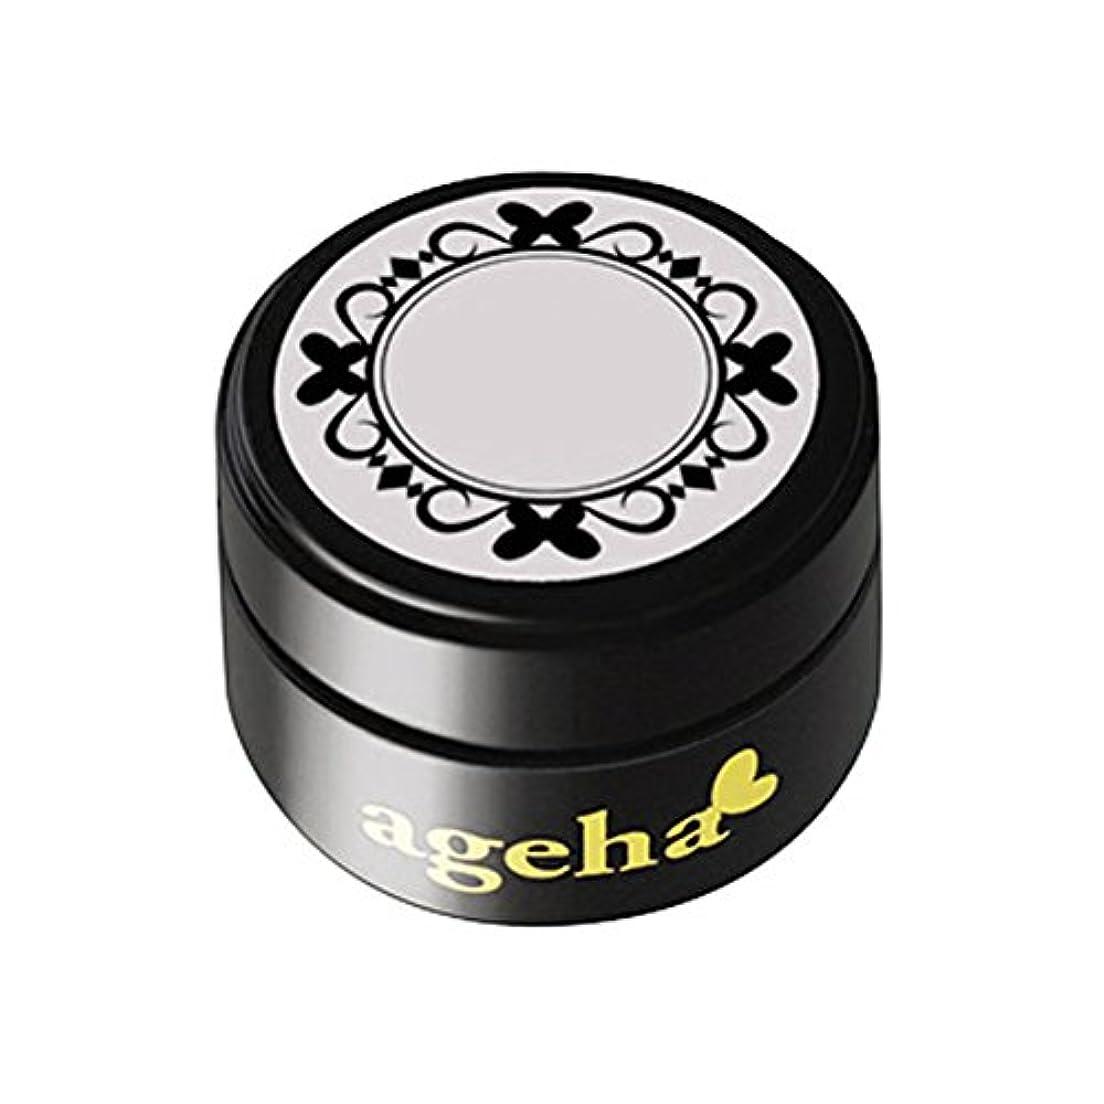 実験延ばすボイドageha gel カラージェル コスメカラー 211 ゼニスブルー 2.7g UV/LED対応